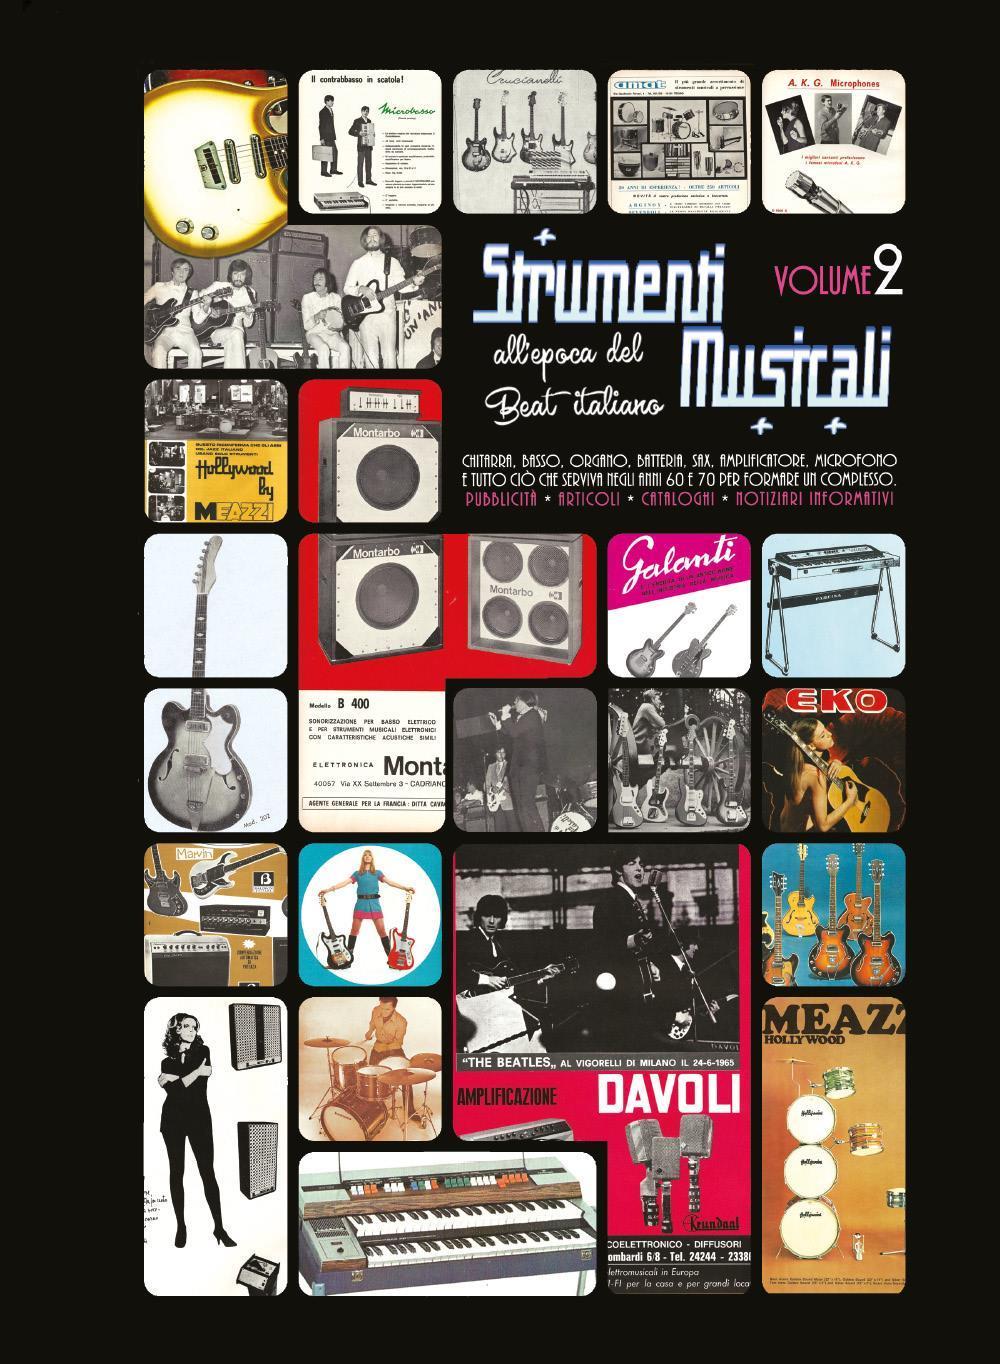 Strumenti musicali all'epoca del Beat italiano [VOL.2] Pubblicità, articoli, cataloghi, notiziari informativi. Chitarra, basso, organo, batteria, sax